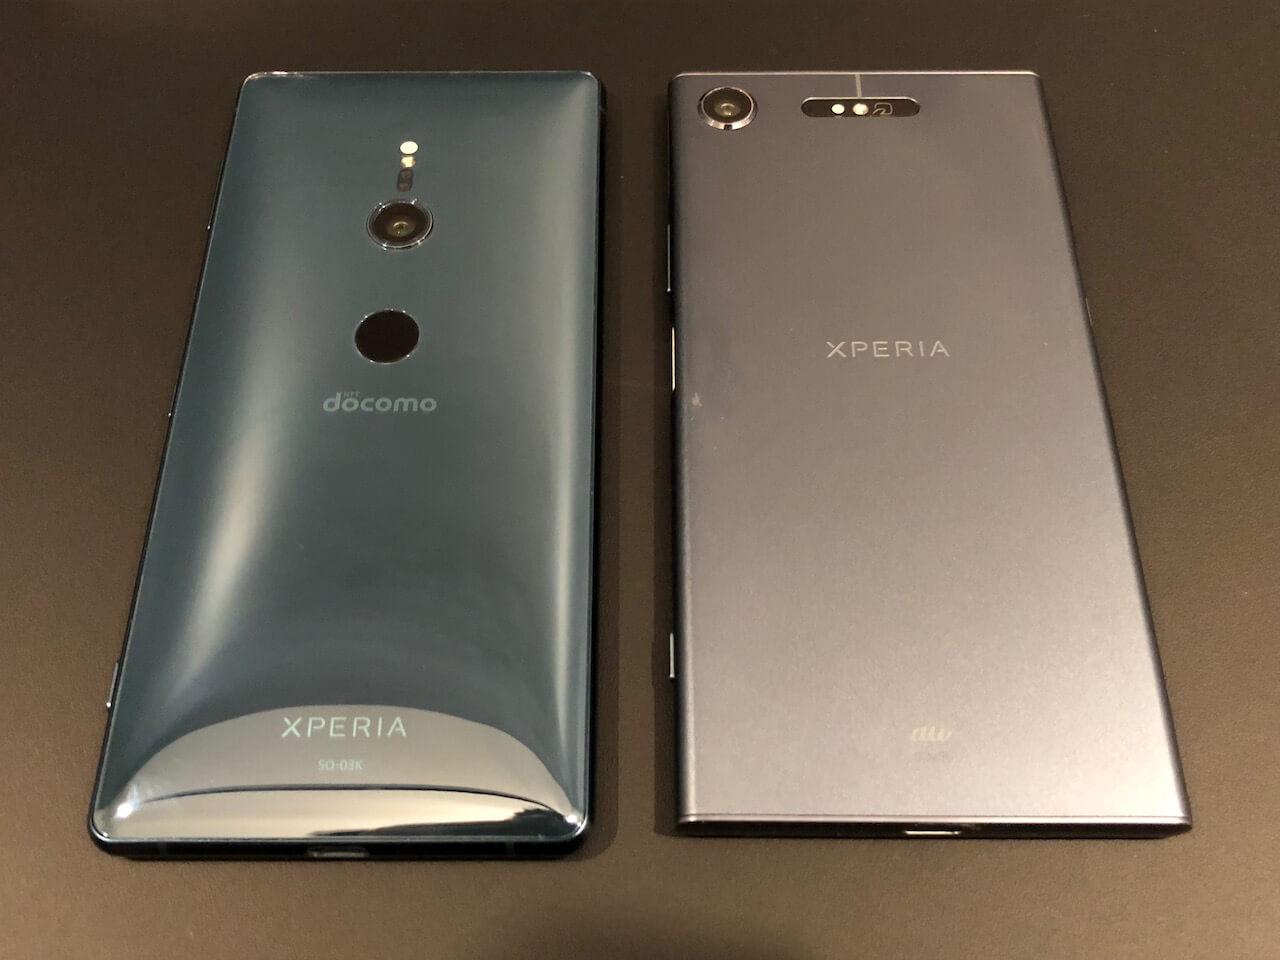 Xperia xz1 xz2 デザイン 比較